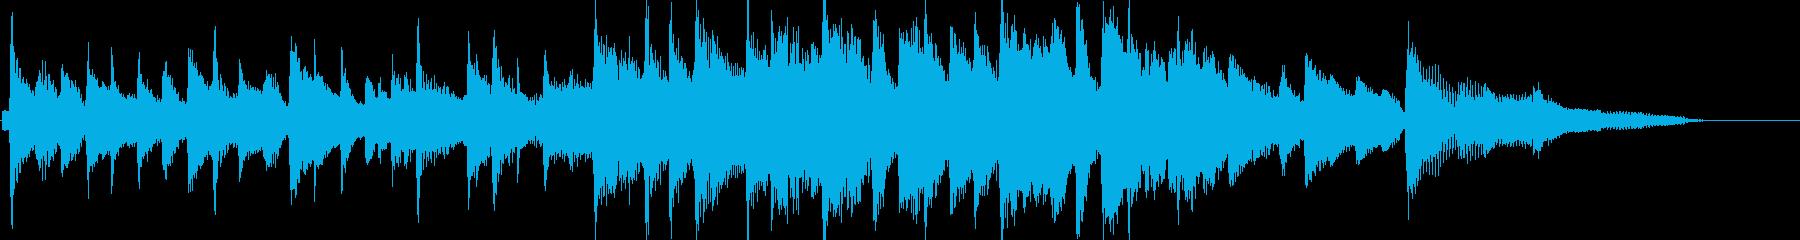 ピアノをメインとした爽やかな15秒楽曲の再生済みの波形